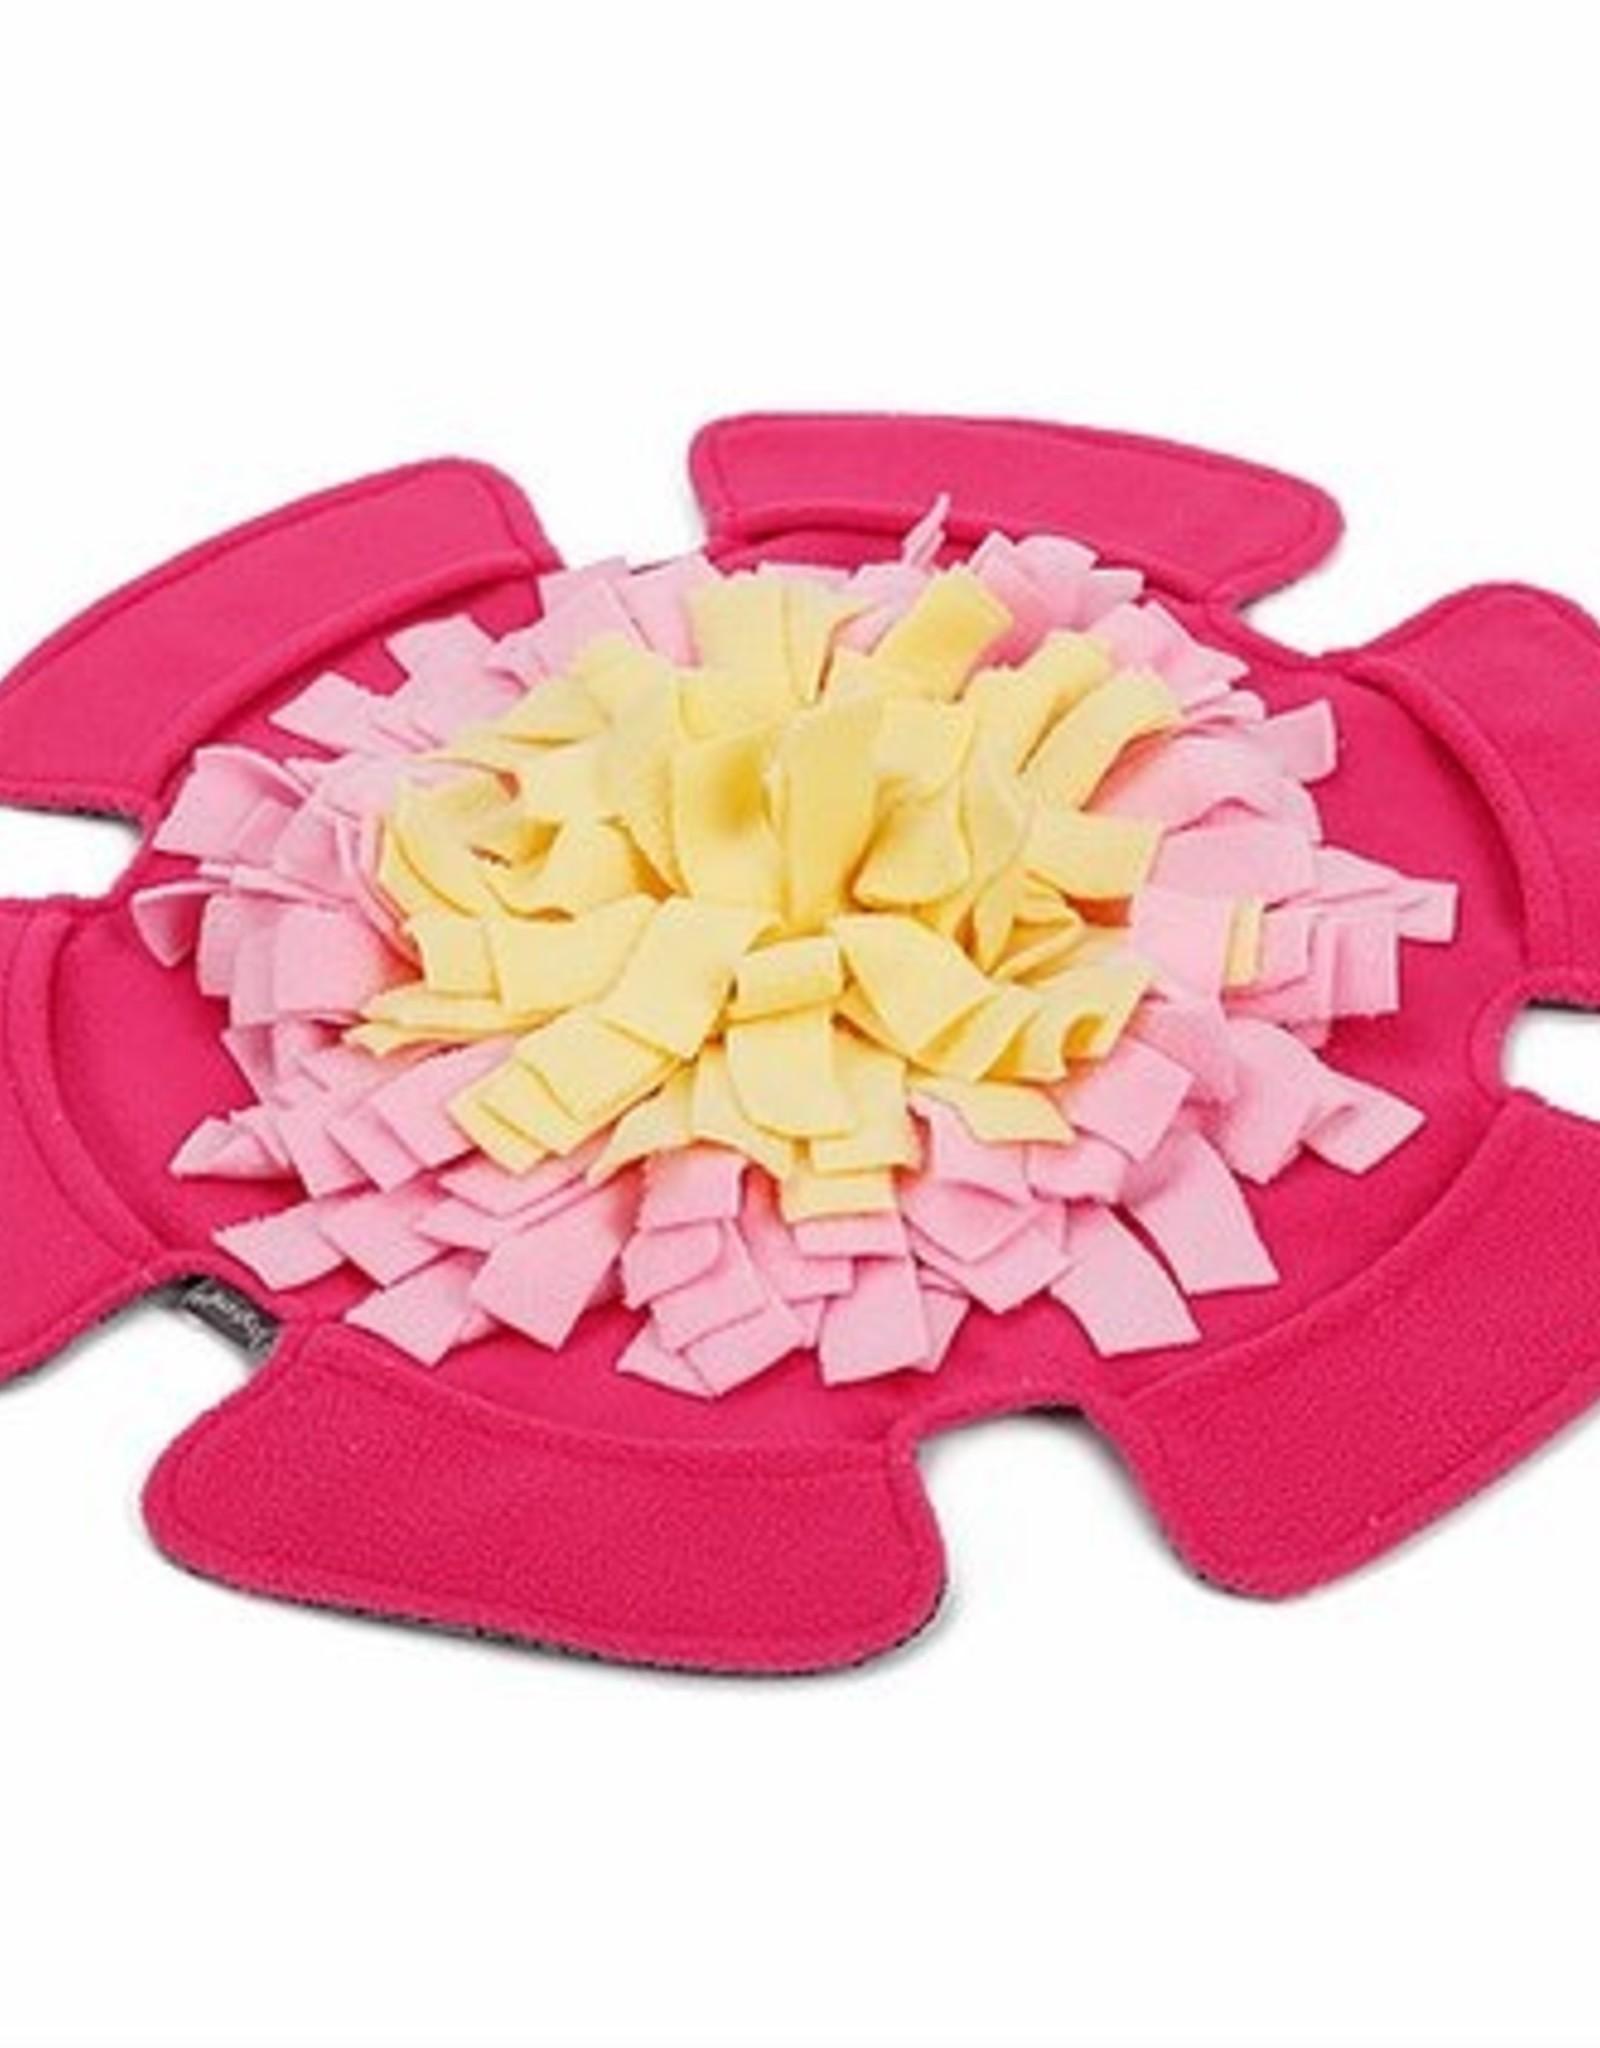 Pawz N Dogz Pawz N Dogz Floral Fleece Snuffle Mat